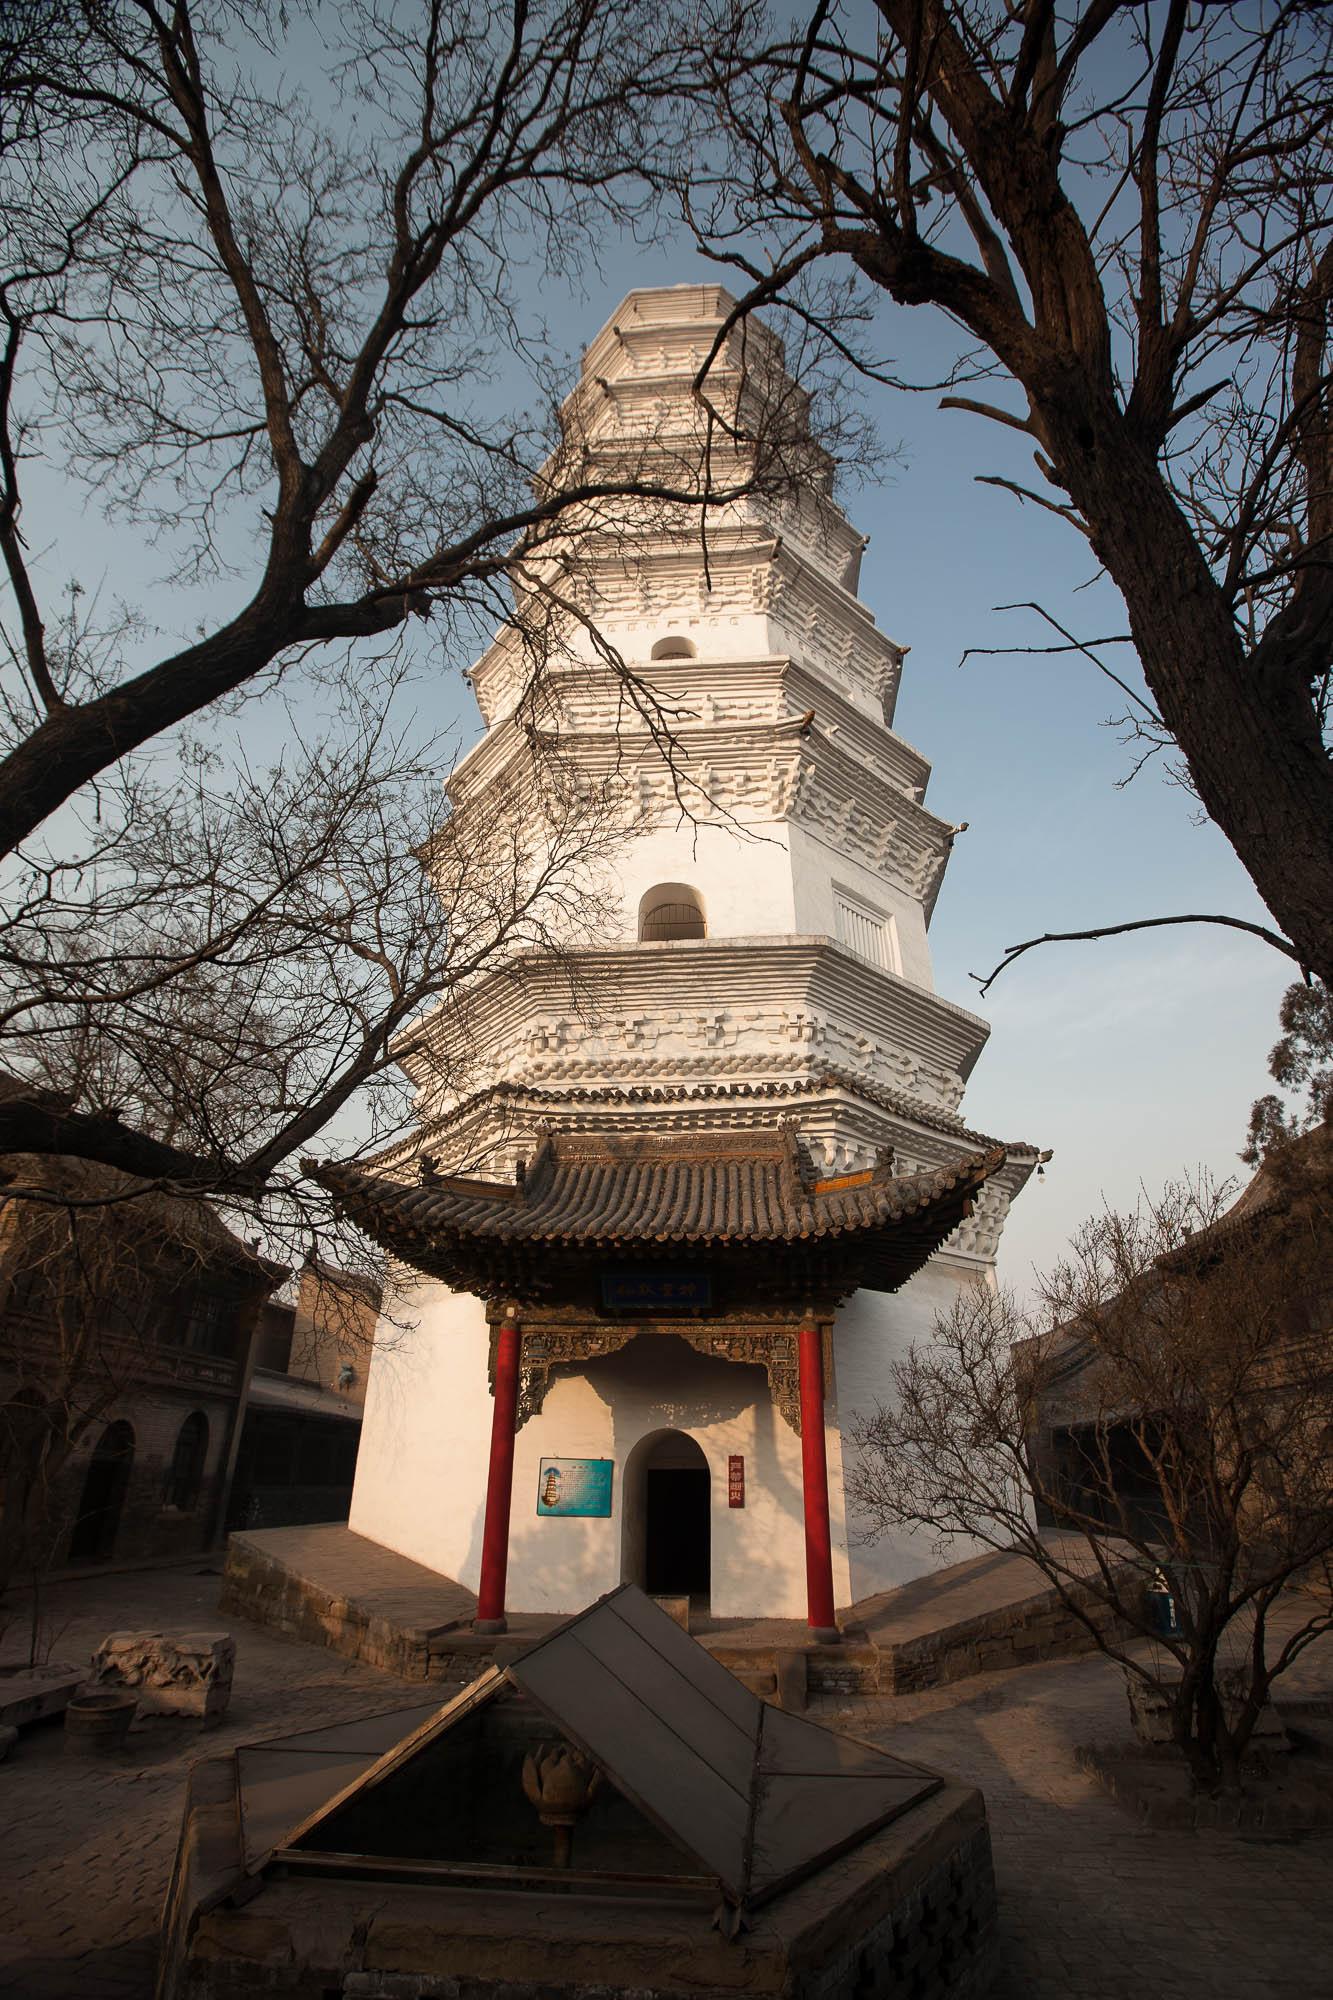 White Pagoda of Taigu